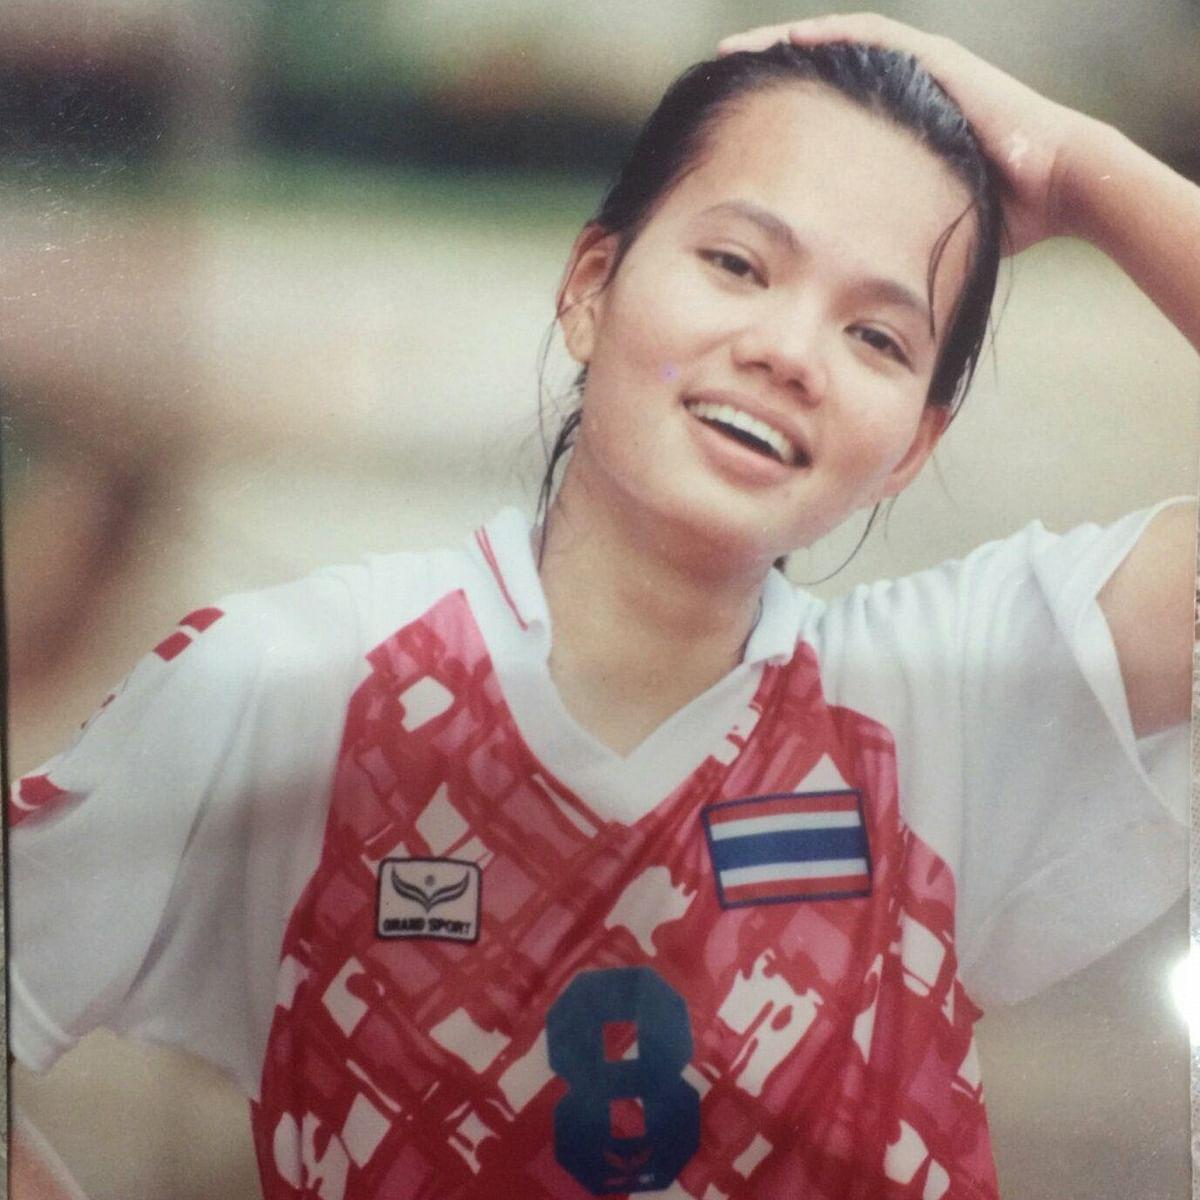 ปริม อินทวงศ์ อดีตนักกีฬาวอลเลย์บอลหญิงทีมชาติไทย